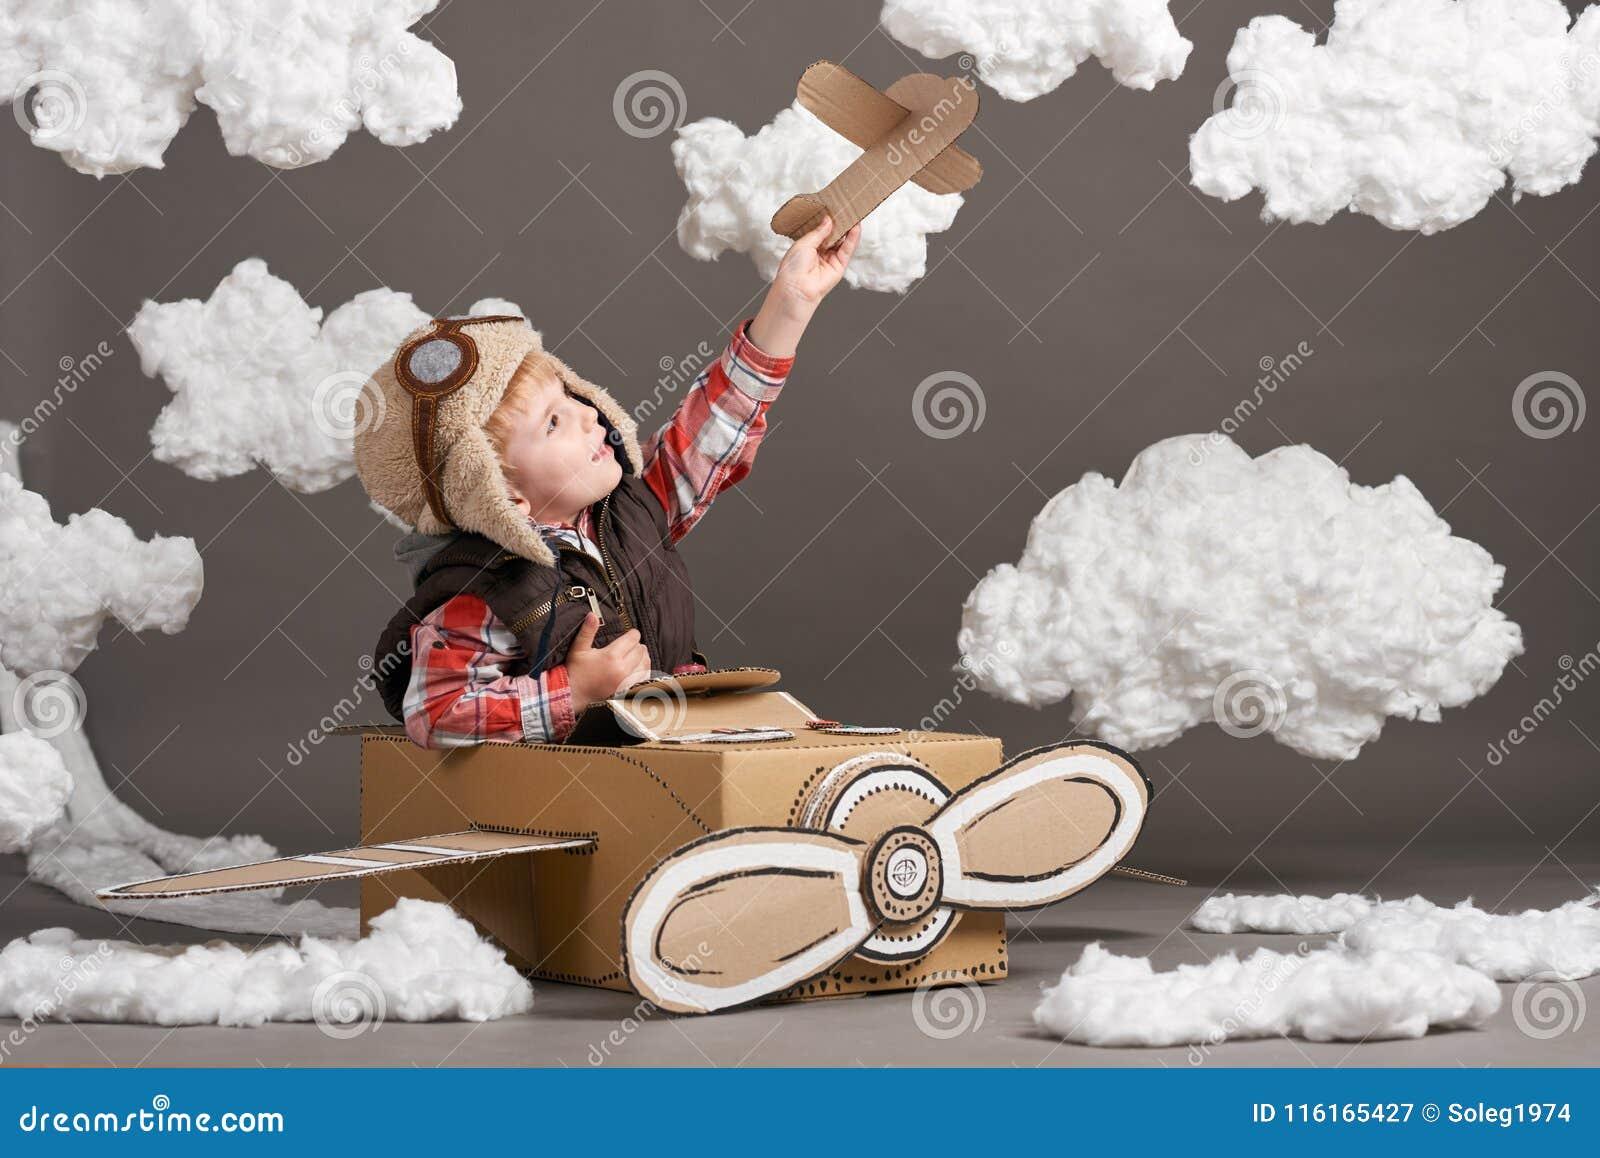 El muchacho juega en un aeroplano hecho de la caja de cartón y de sueños de hacer piloto, nubes de la algodón en un fondo gris